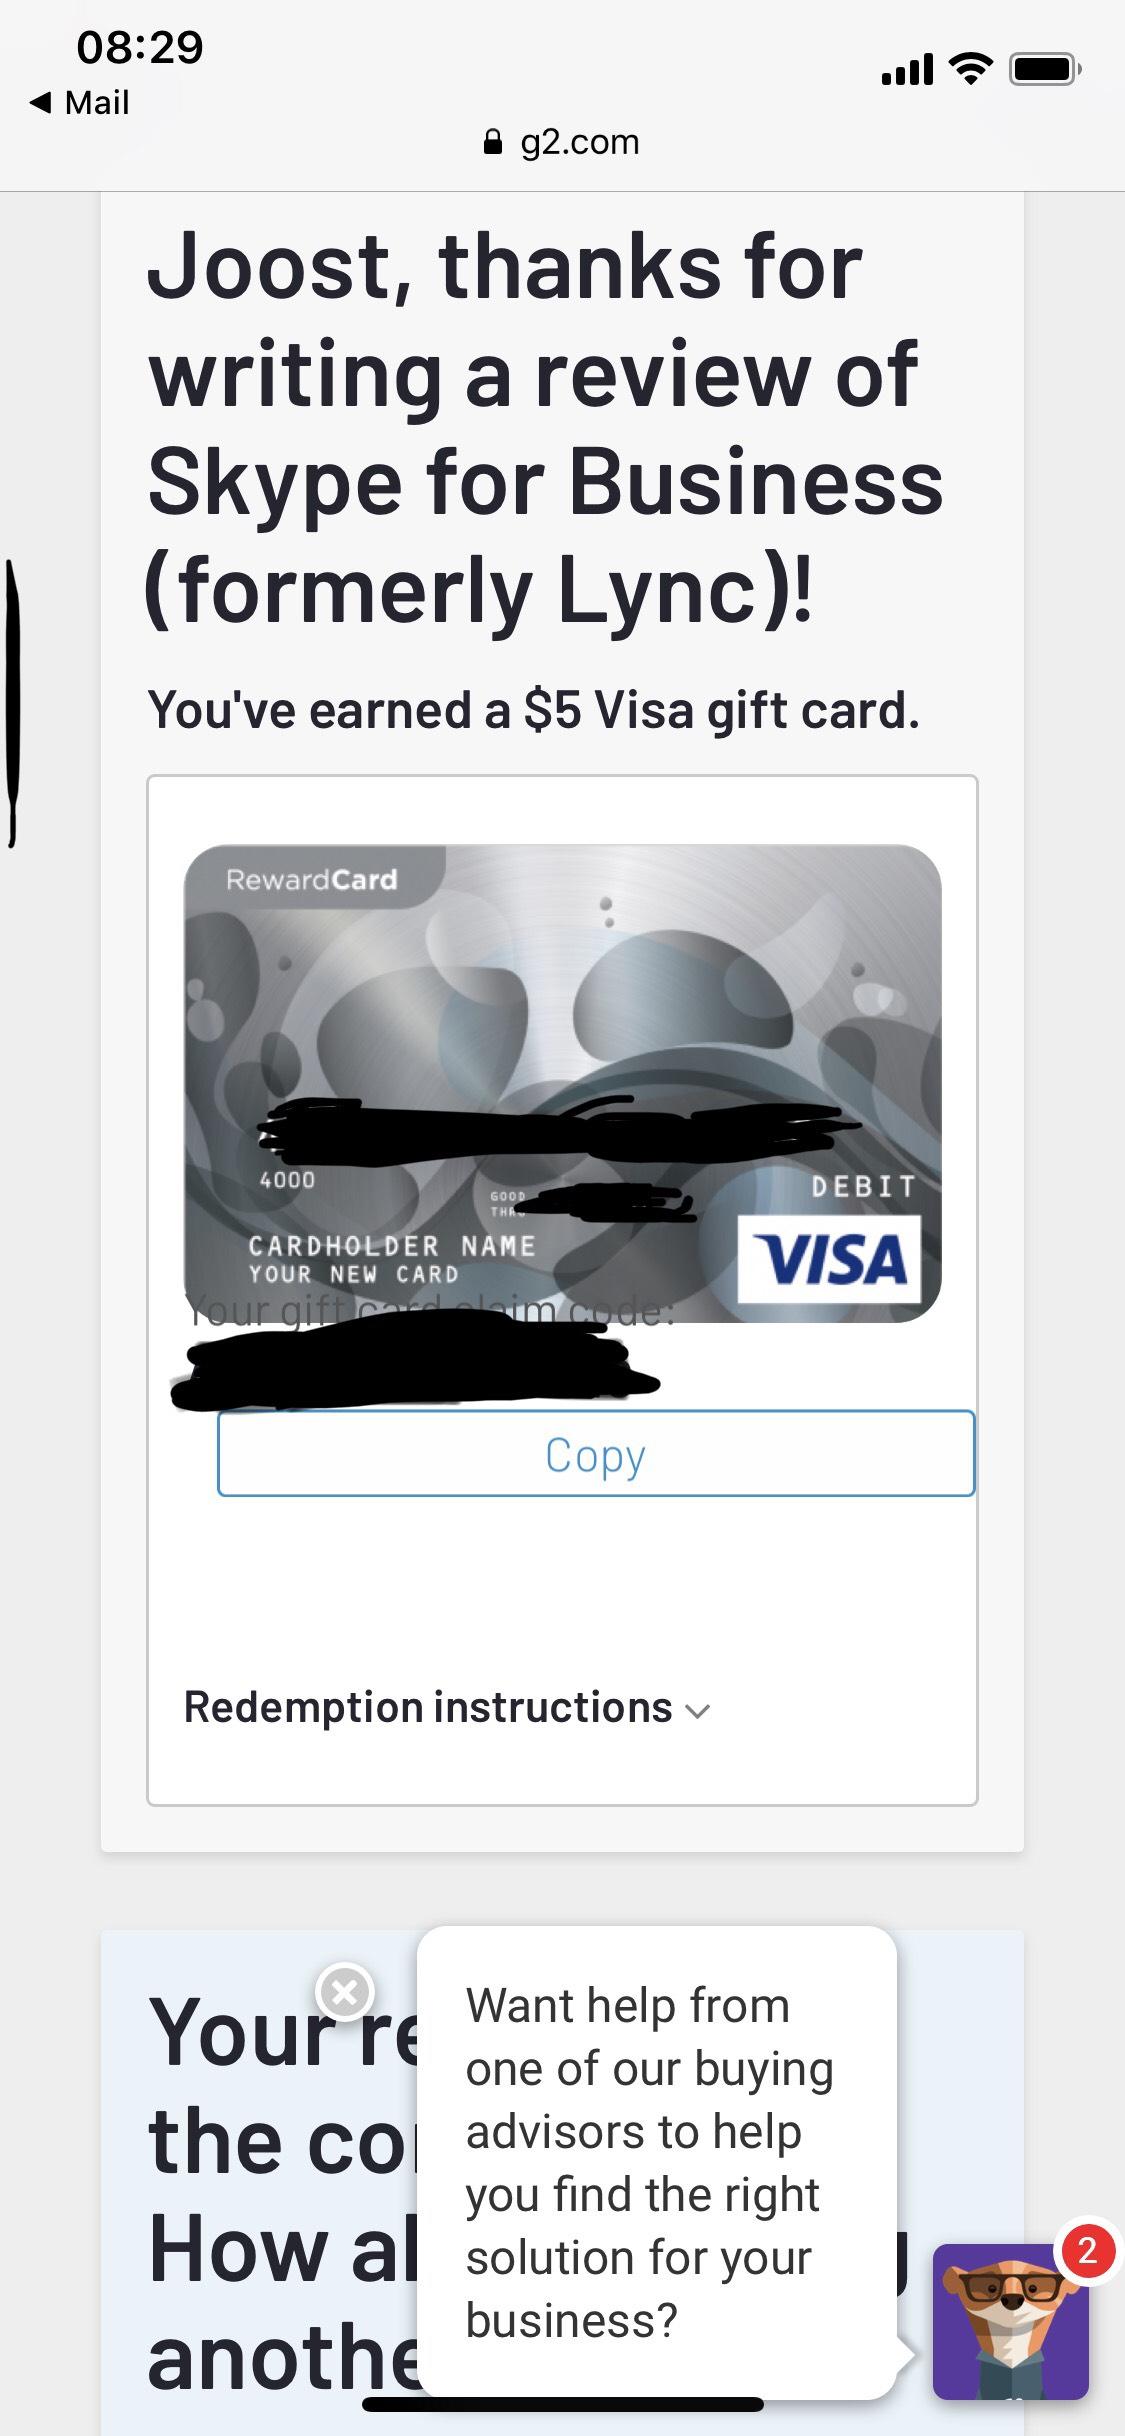 [Gratis geld] Ontvang onbeperkt gratis VISA prepaid cards van 5$.